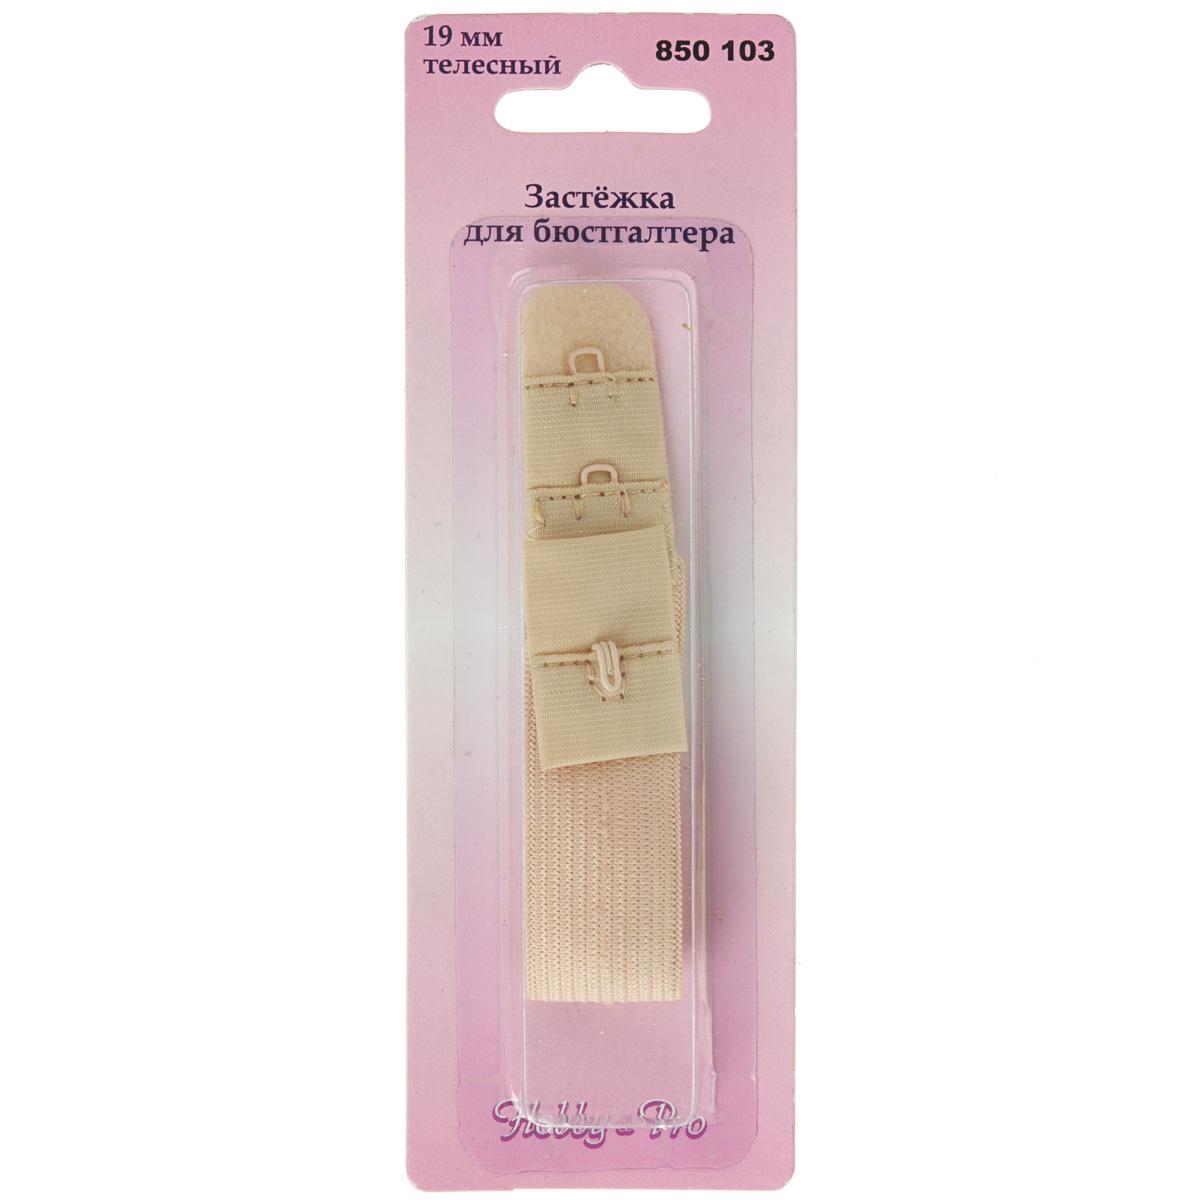 Застежка для бюстгальтера Hobby & Pro, цвет: бежевый, ширина 2 см7700510Застежка для бюстгальтера Hobby & Pro изготовлена из эластичного тянущегося текстиля. Изделие оснащено одним металлическим крючком и предназначено для изготовления или ремонта бюстгальтеров. Застежка с защитой для кожи удобна при носке и не заметна под одеждой.